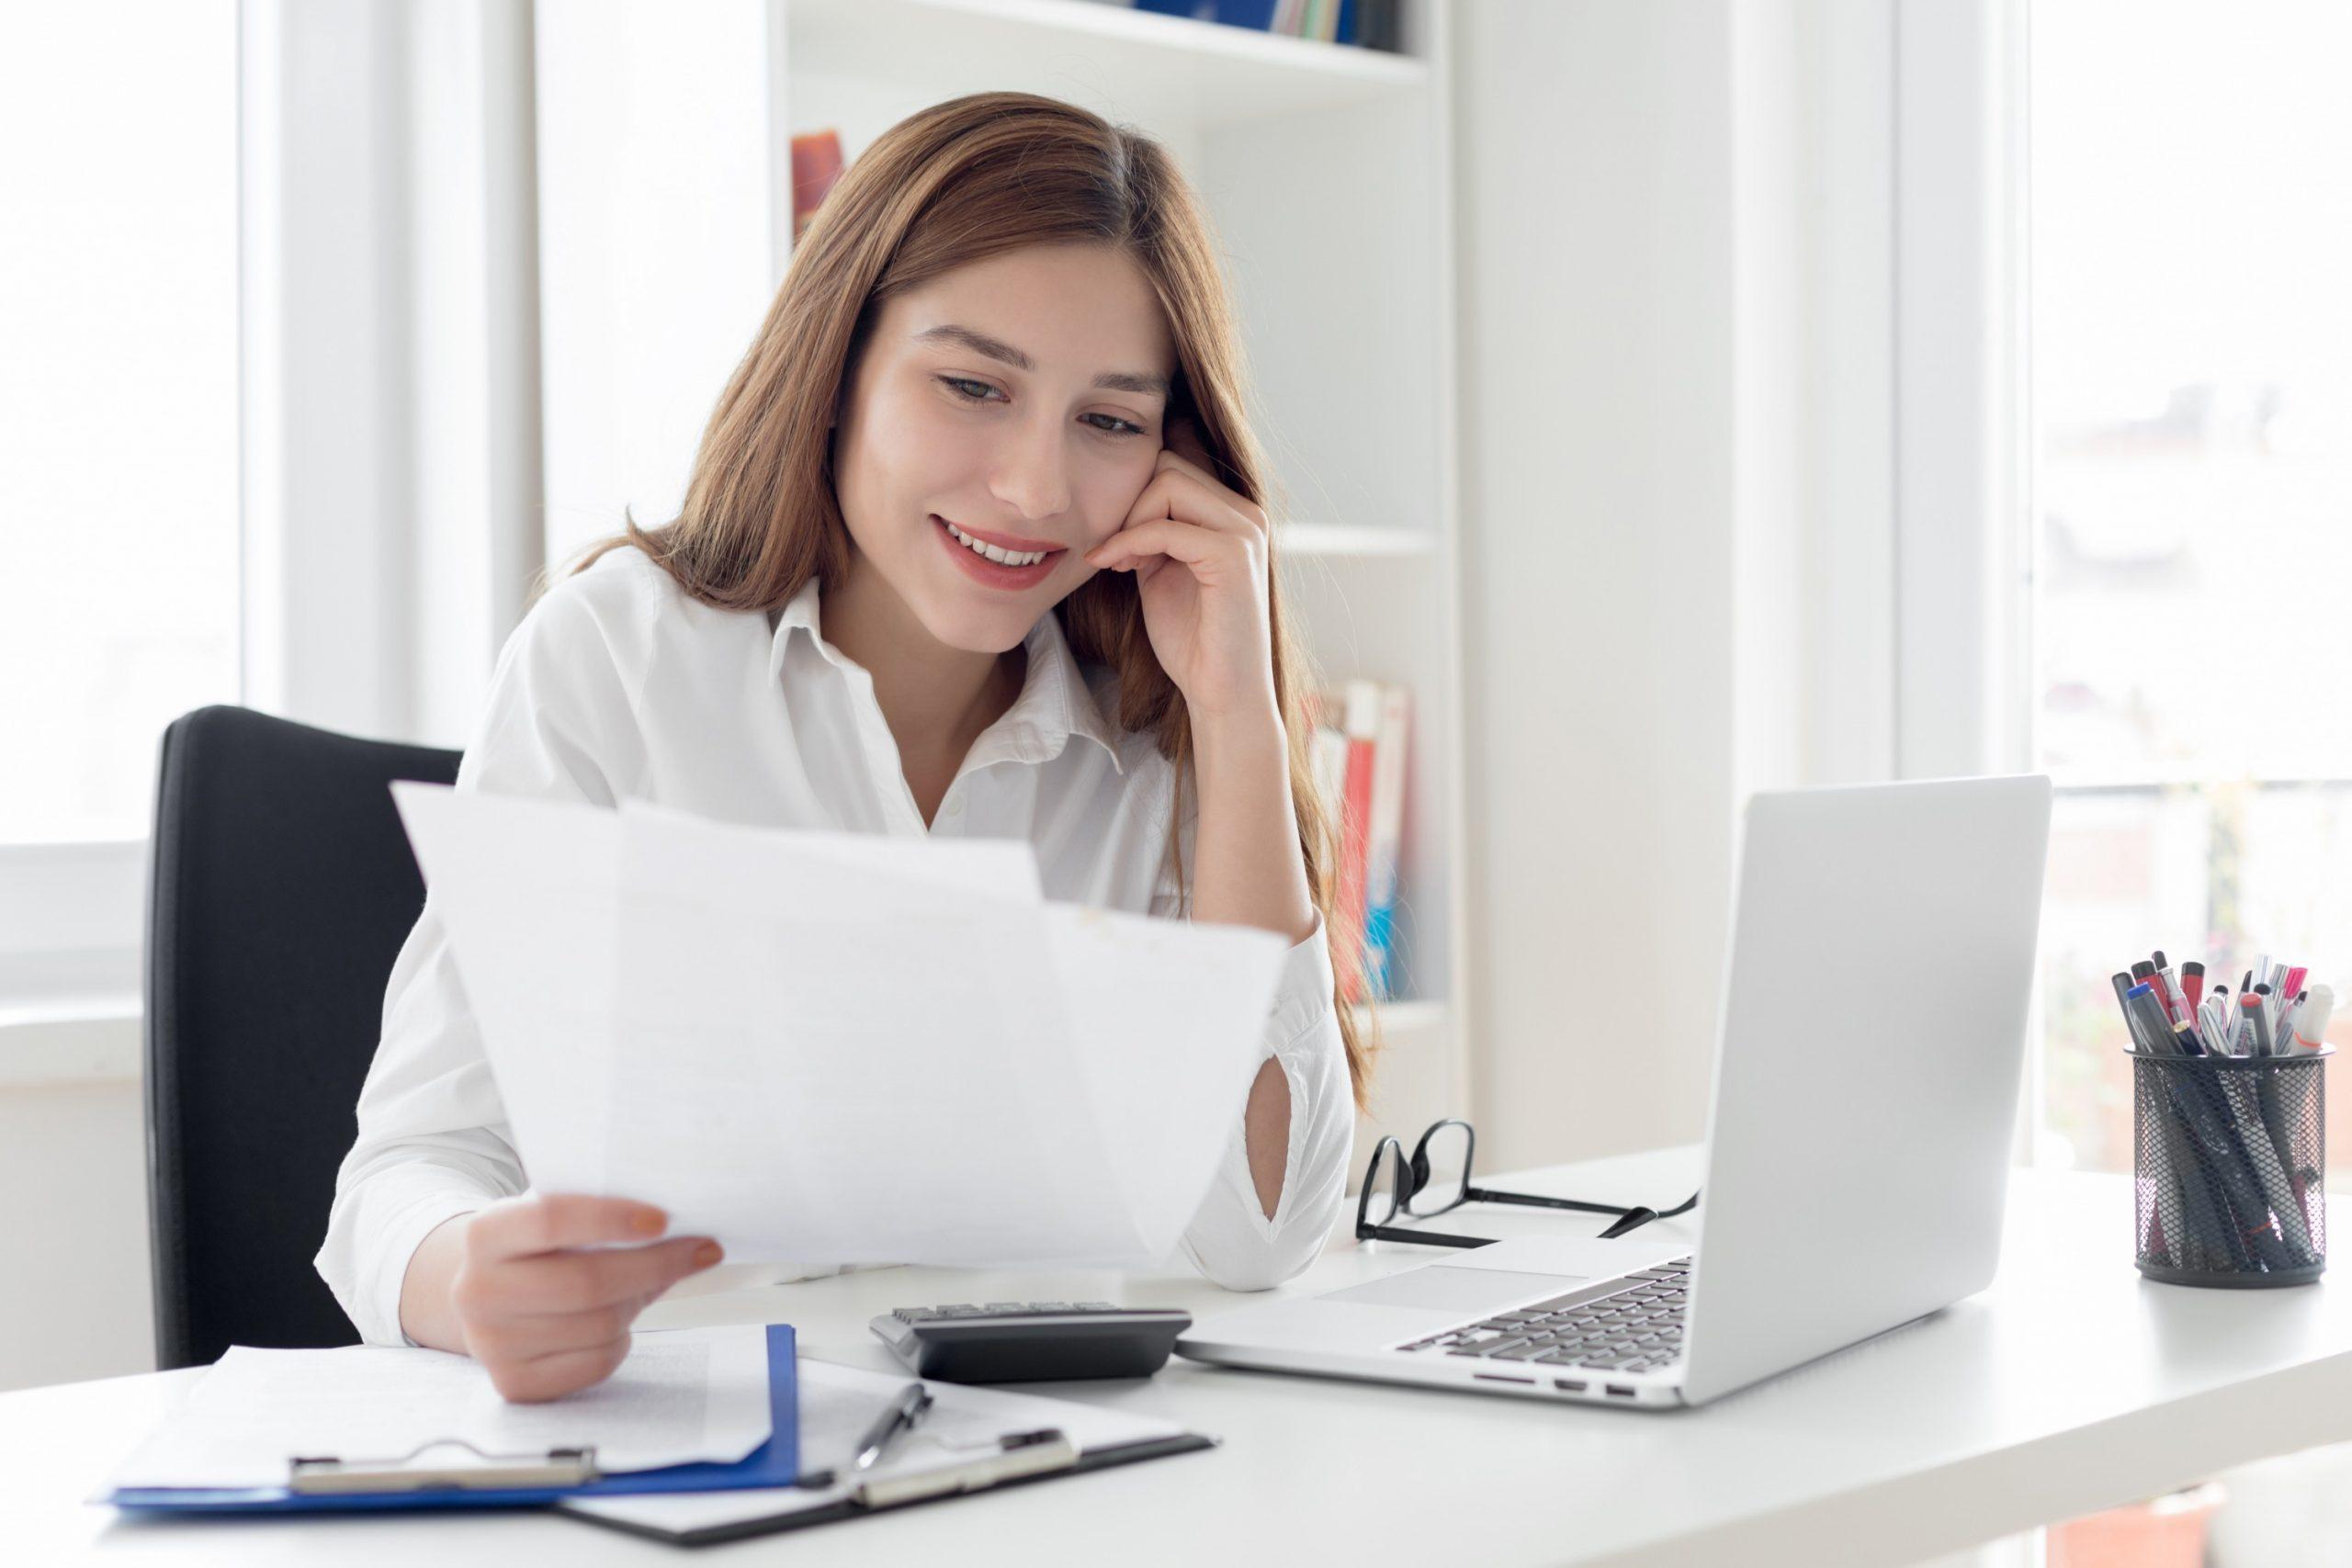 Veja 7 erros comuns na gestão de documentos e como evitá-los